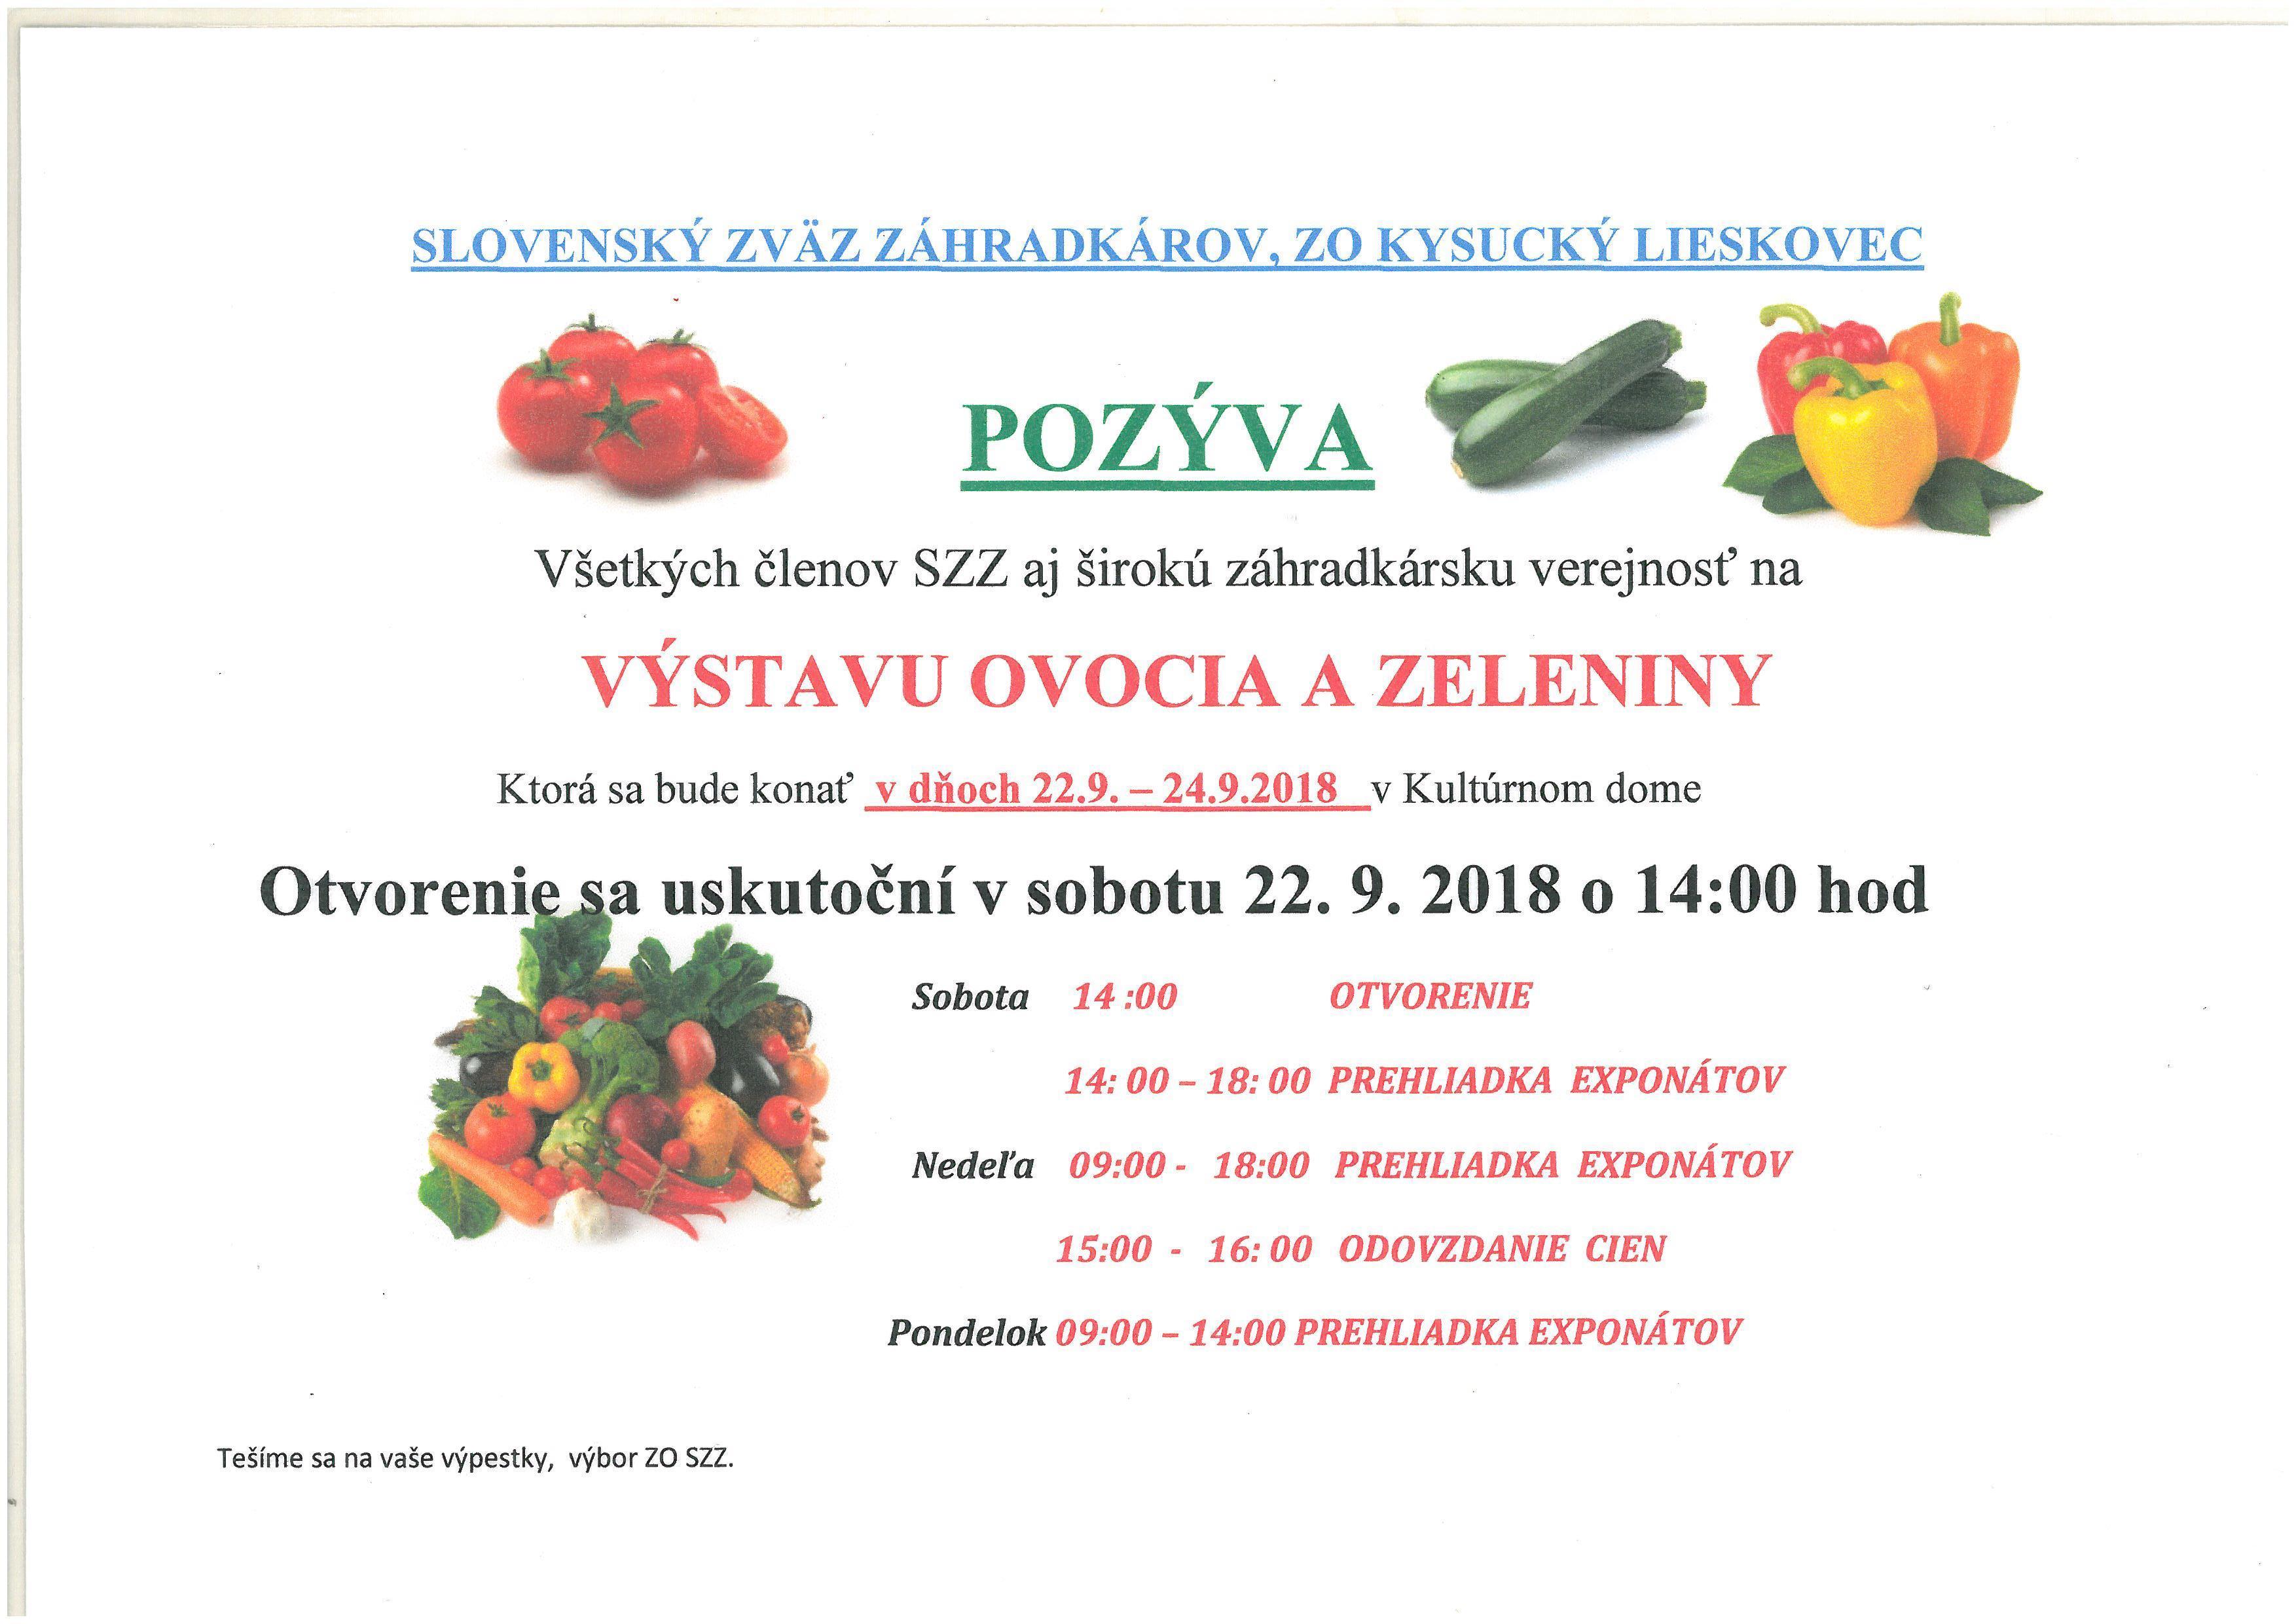 Pozvánka na výstavu ovocia a zeleniny, ktorá sa koná v dňoch 22.9.2018-24.9.2018 v  kultúrnom dome v Kysuckom Lieskovci